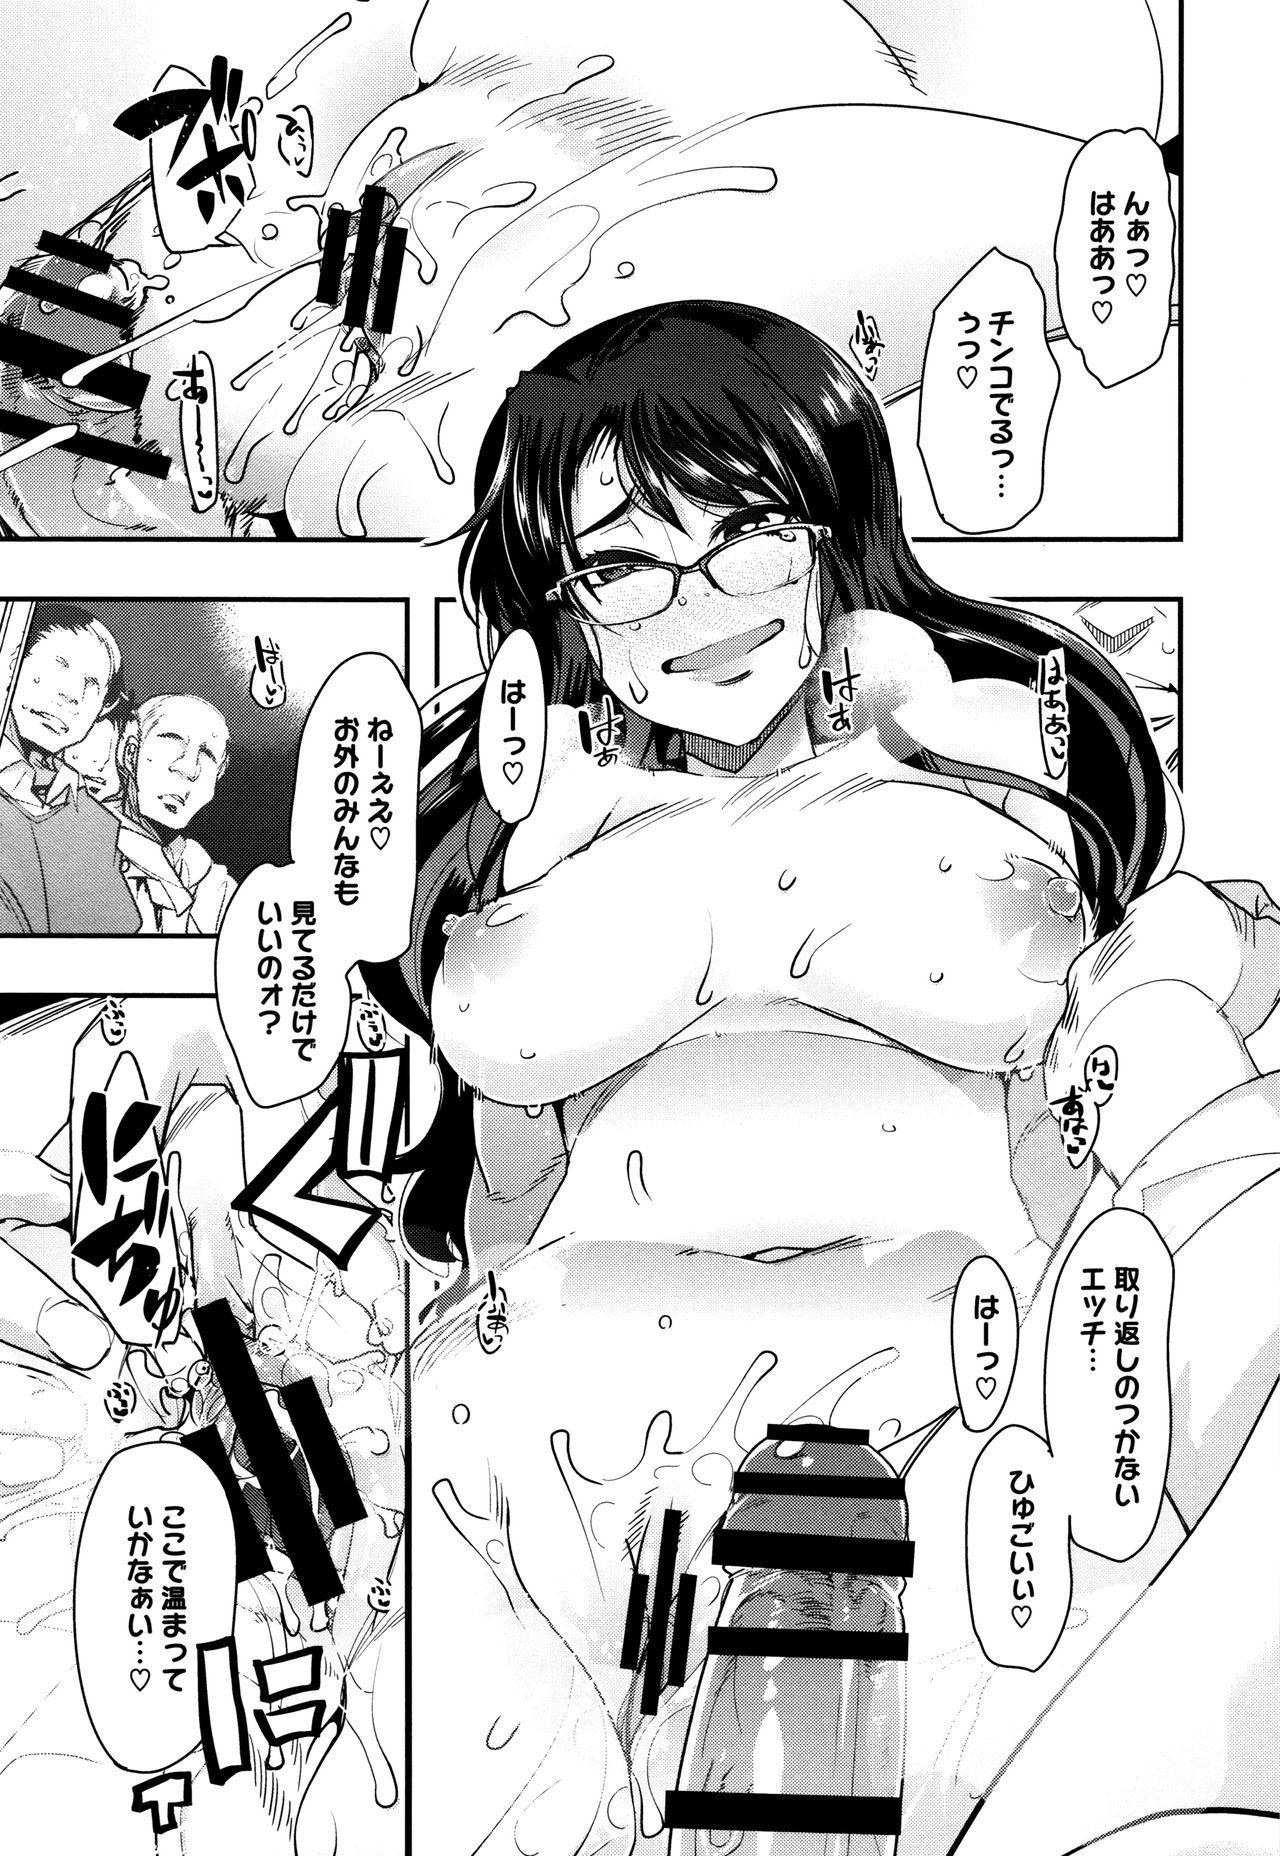 Setsuzoku Sareta Onna 101